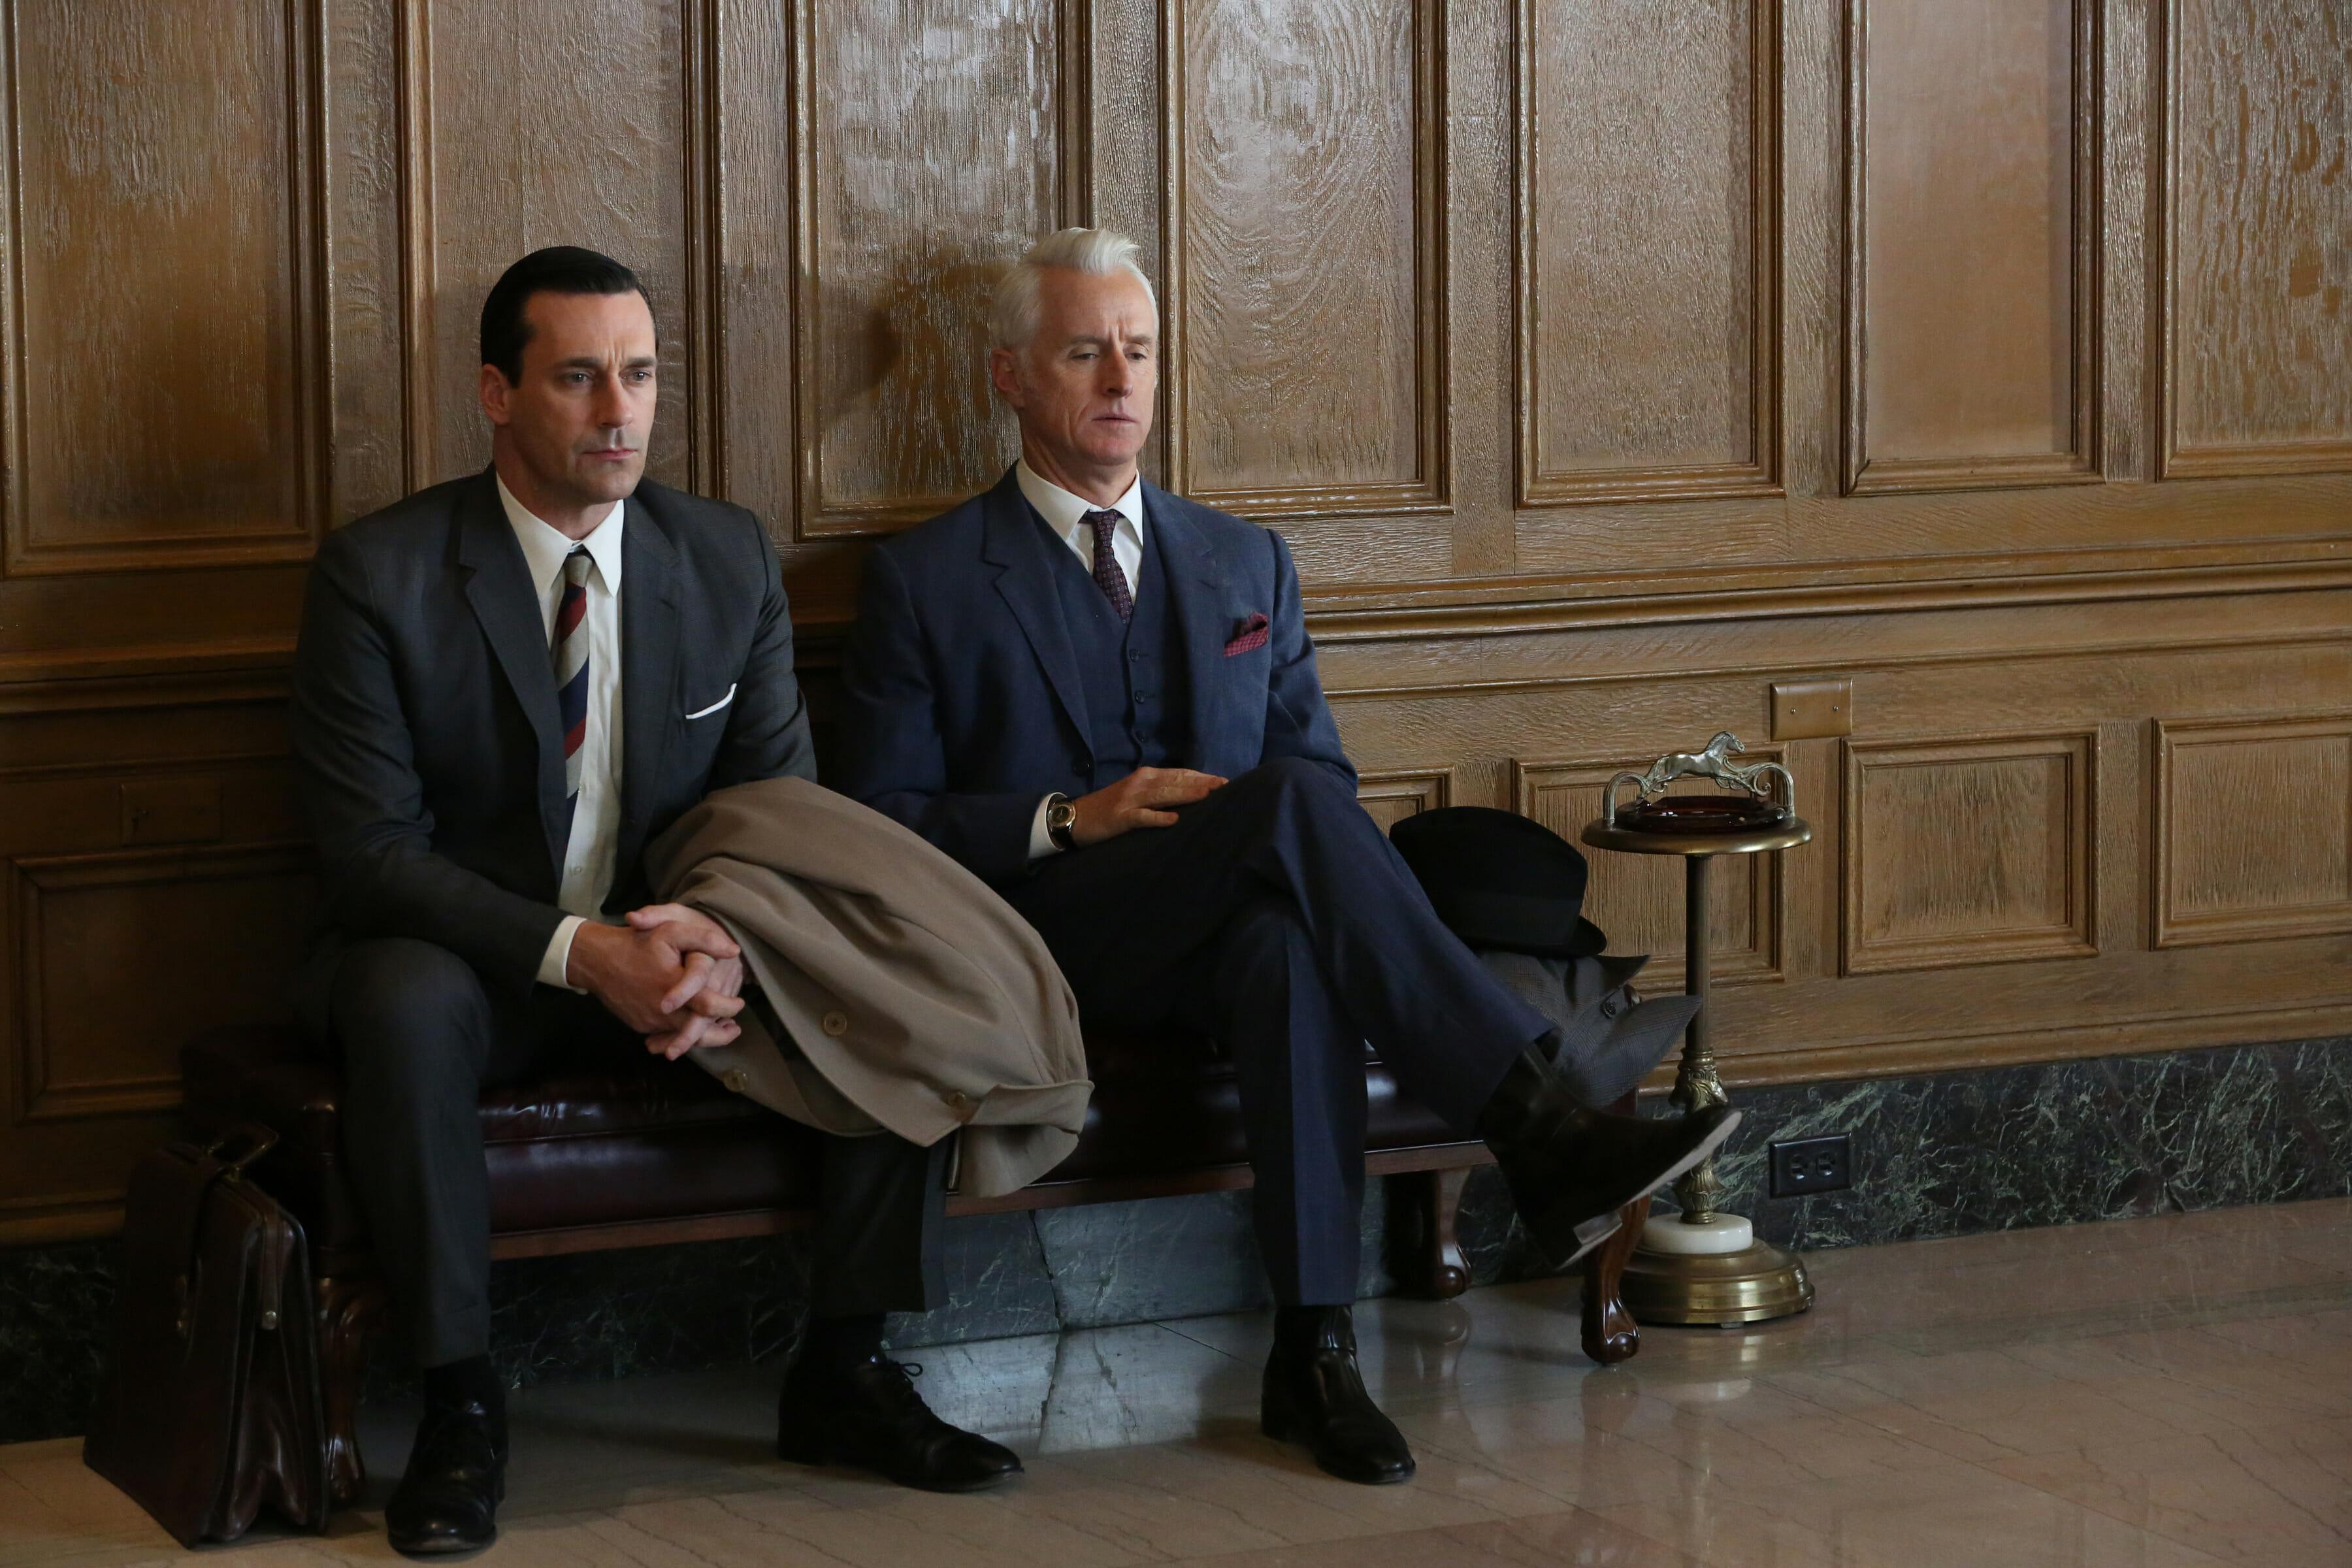 Konserwatywne garnitury z serialu Mad Men sprawdziłyby się też na sali sądowej